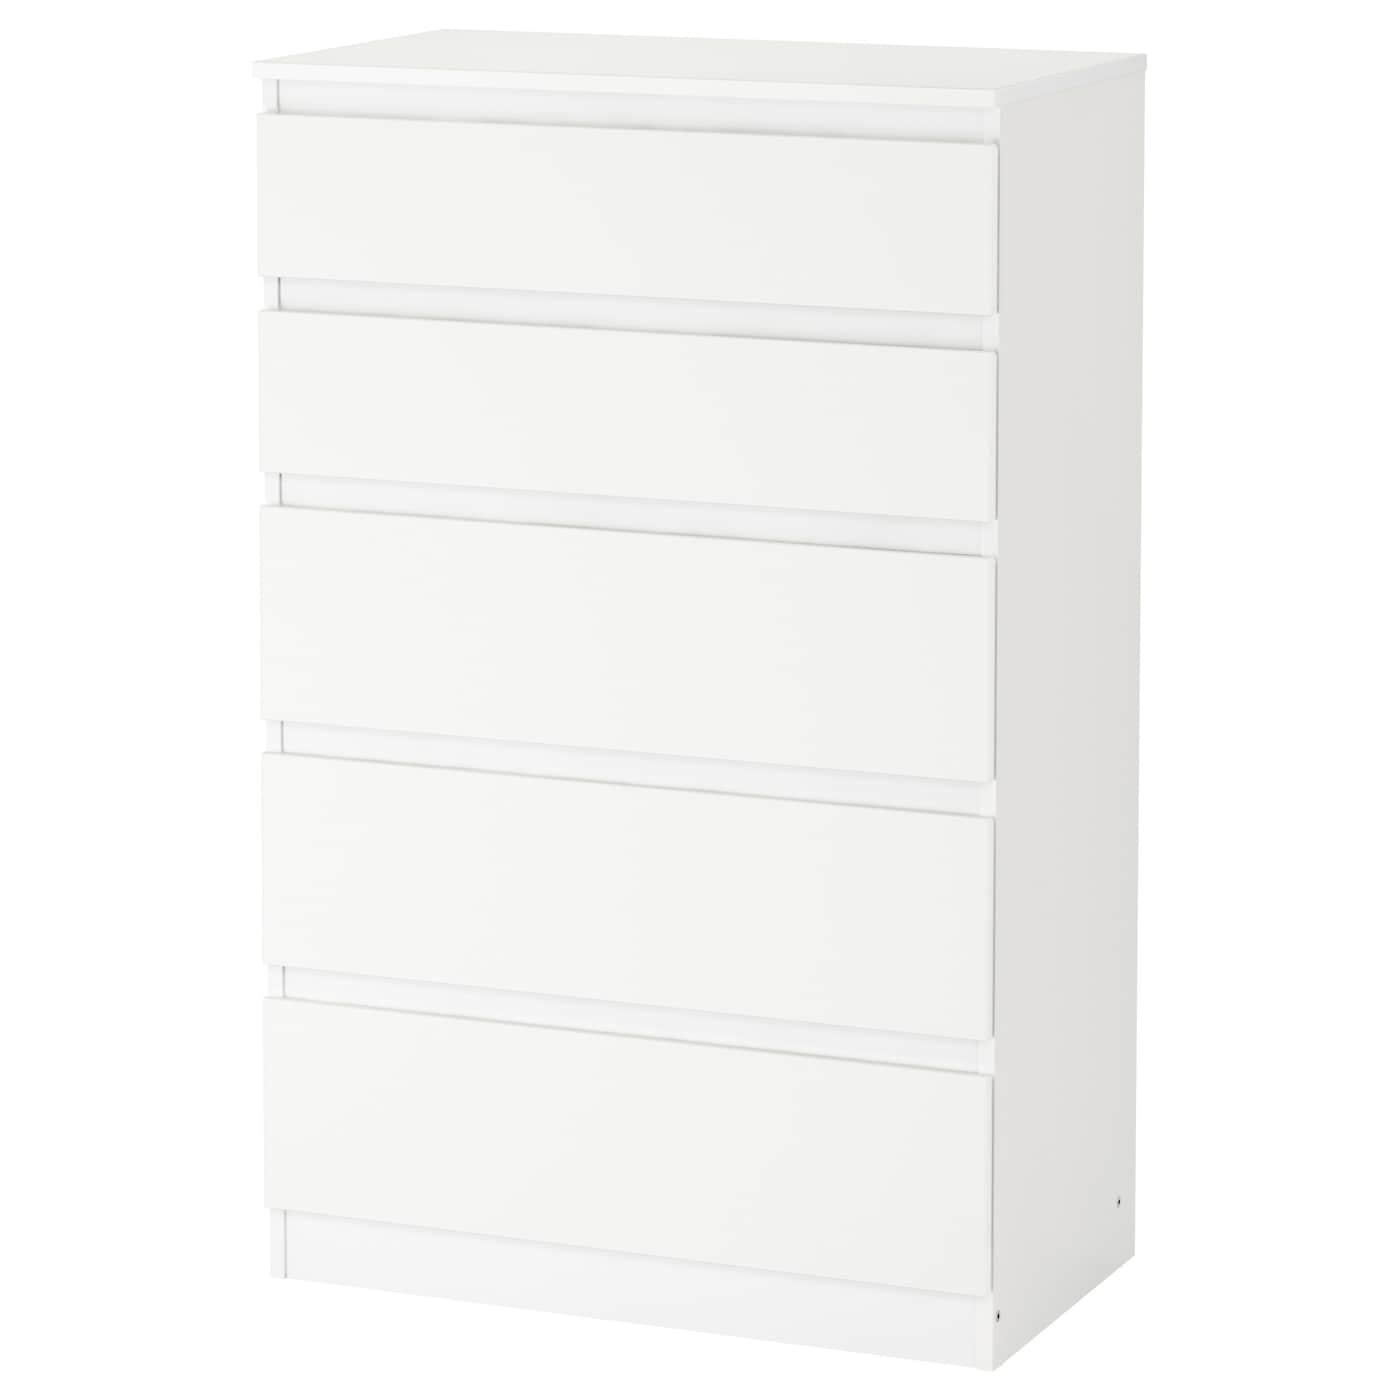 Kullen Kommode Mit 5 Schubladen Weiss 70x112 Cm Ikea Deutschland